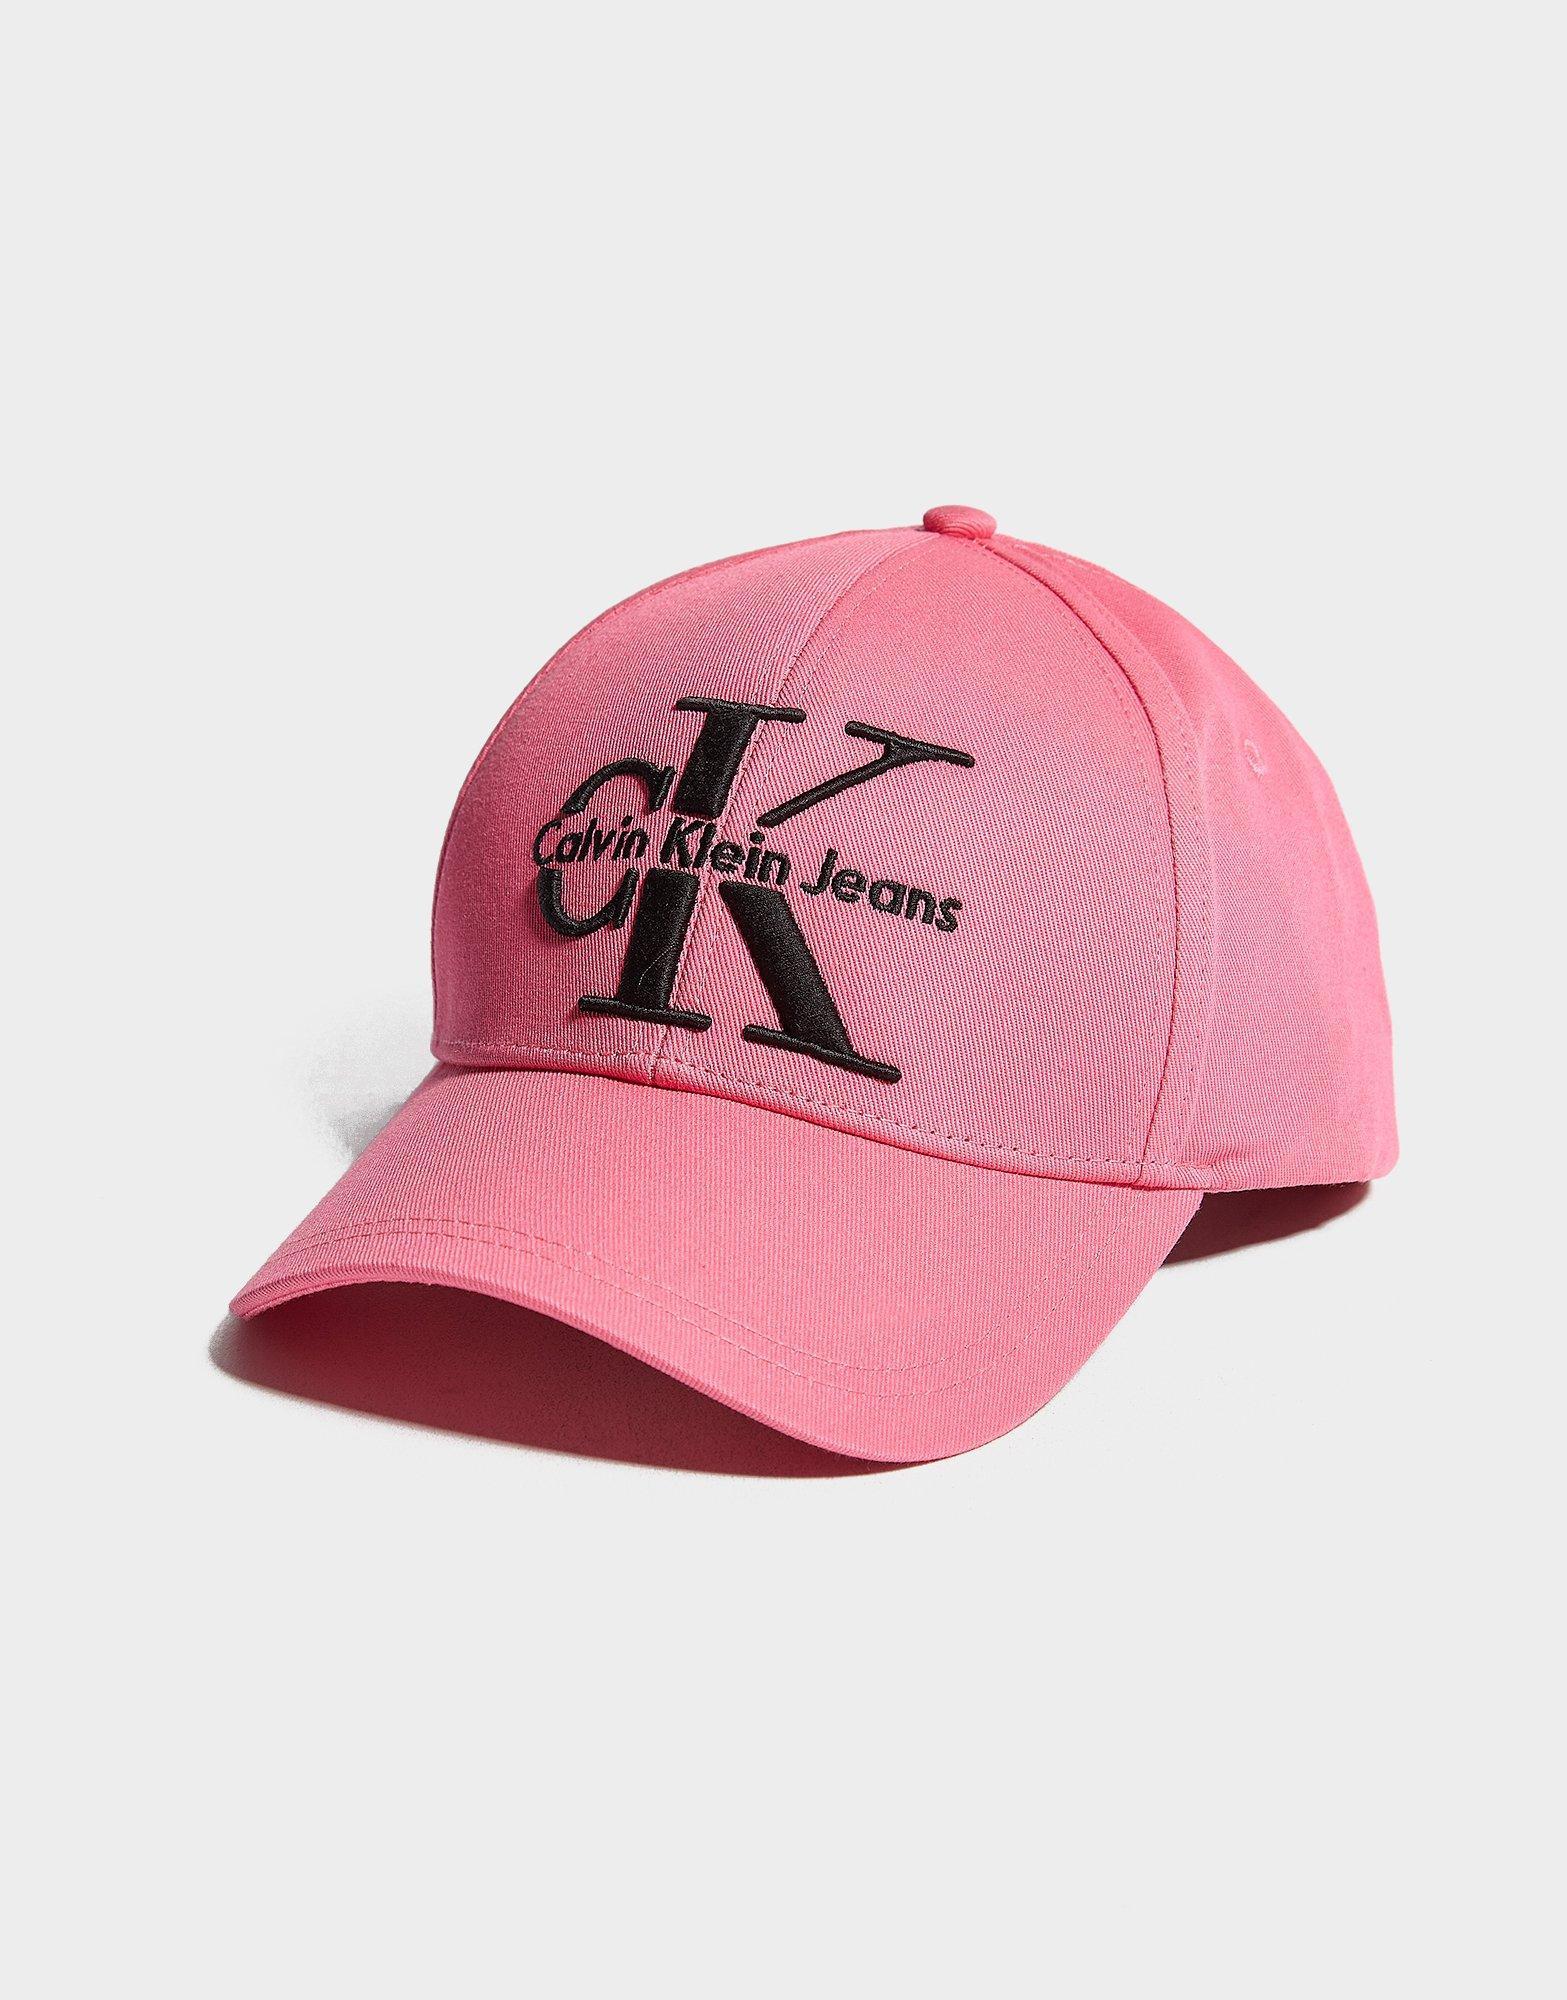 5c17cefa069 Calvin Klein 205W39Nyc Jeans Reissue Cap in Pink for Men - Lyst